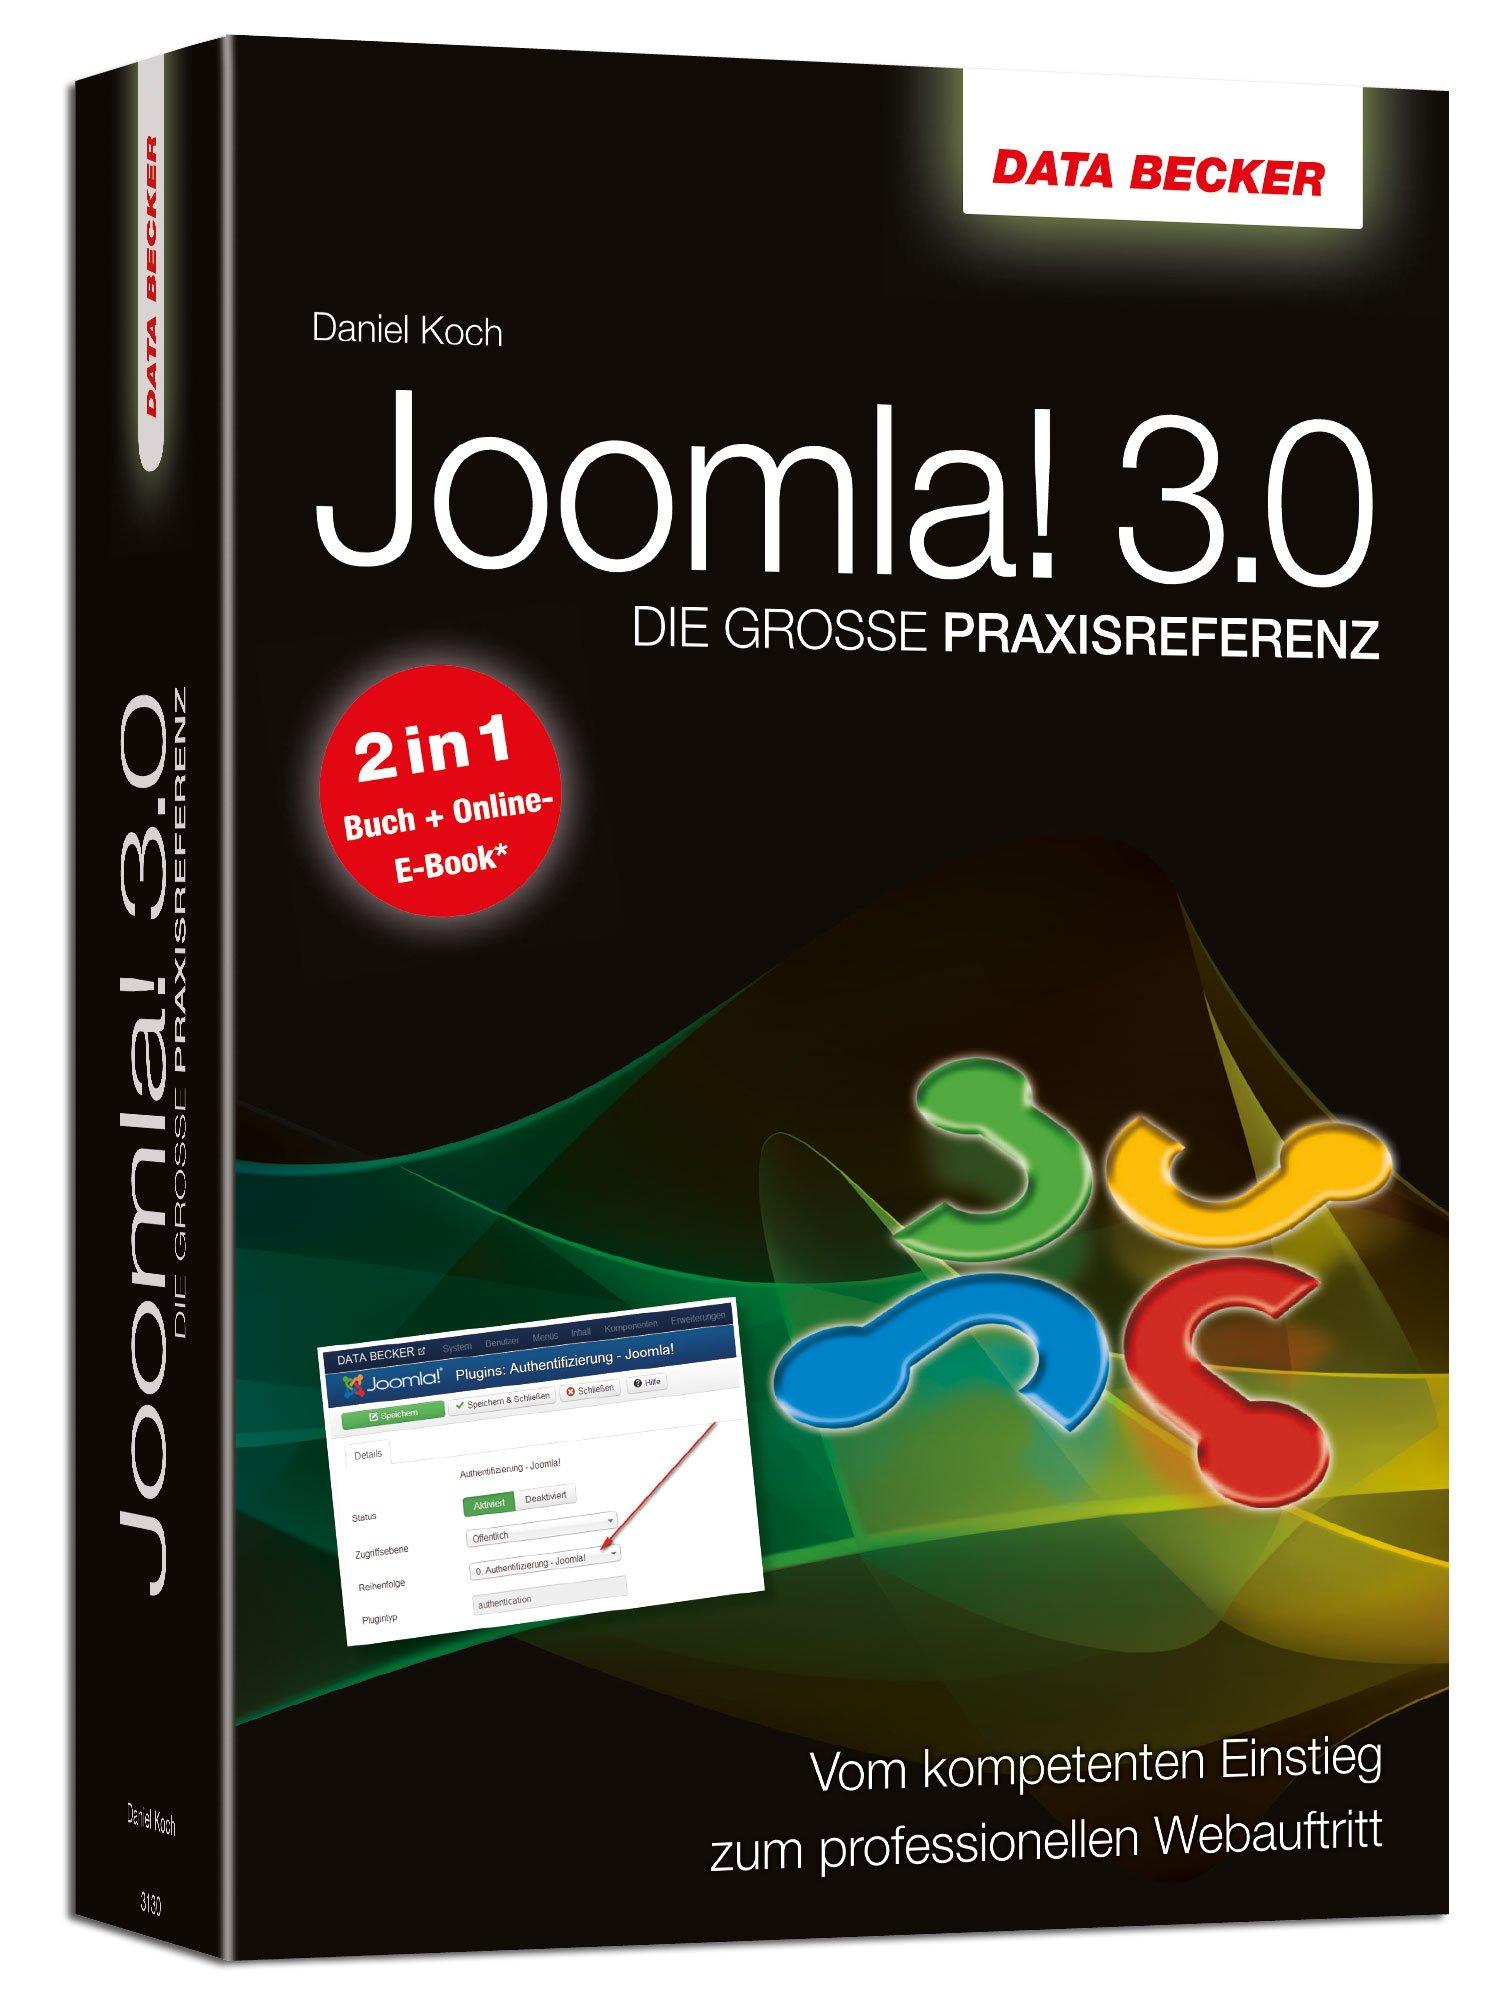 Die große Praxis-Referenz: Joomla! 3.0